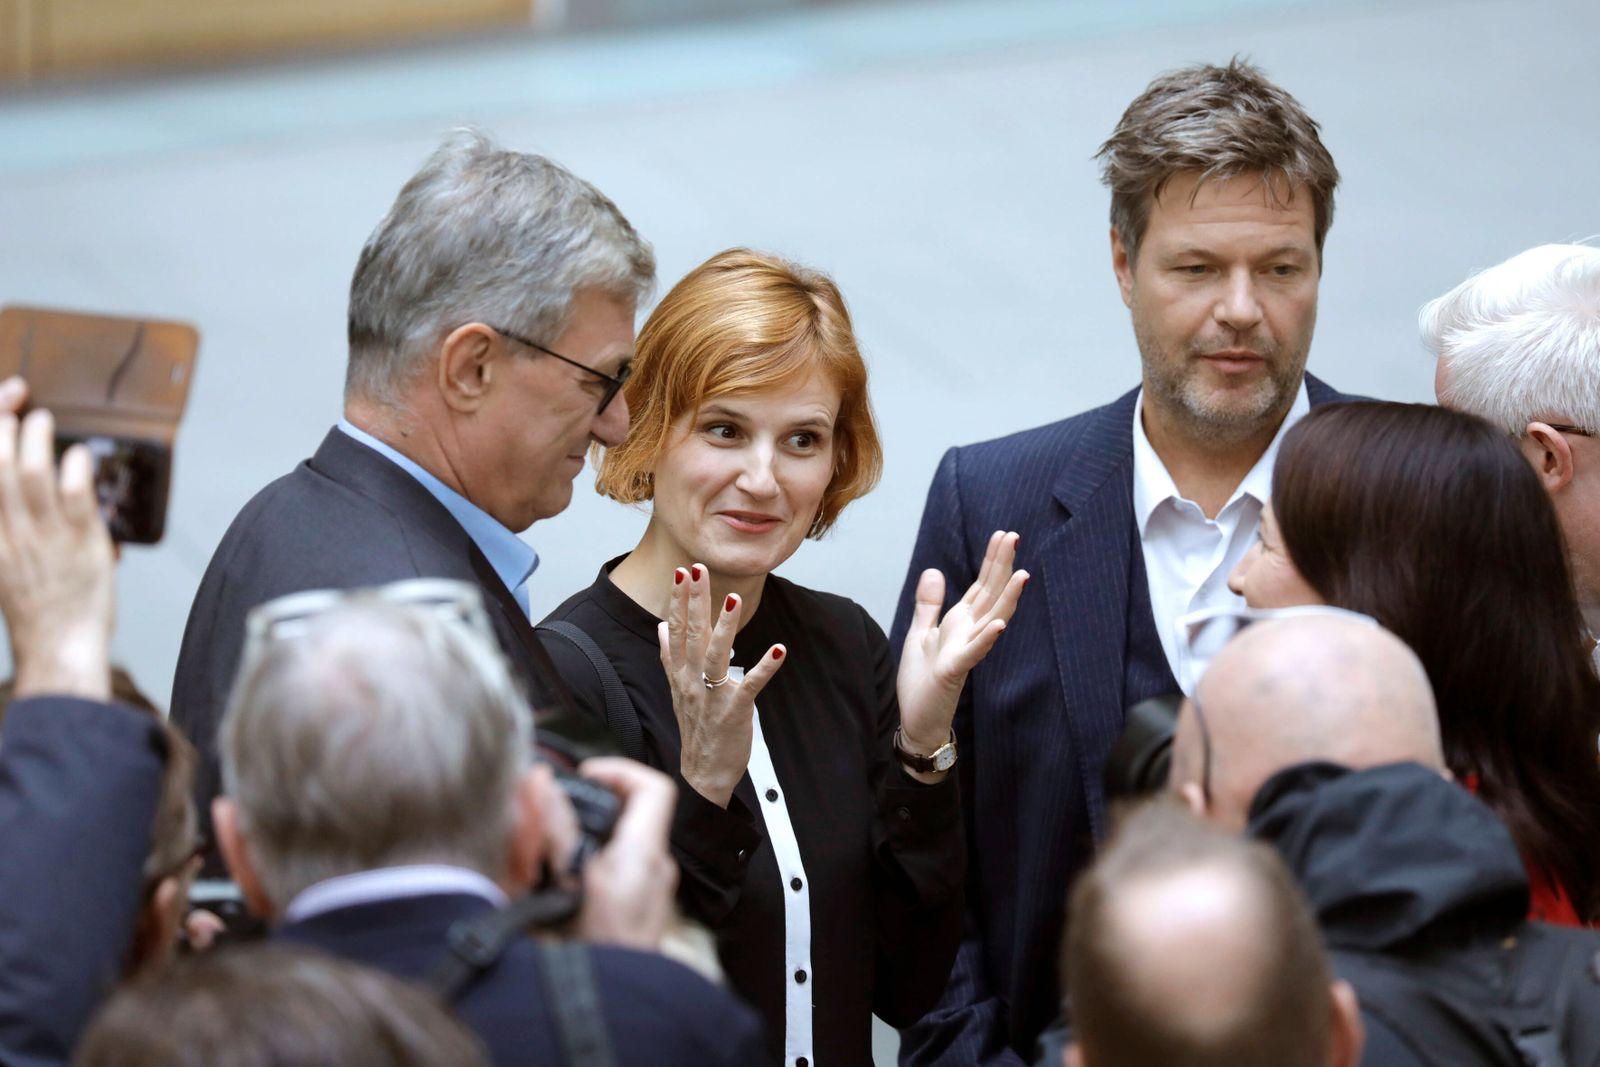 Bernd Riexinger, Parteivorsitzender DIE LINKE, Katja Kipping Parteivorsitzende DIE LINKE, Robert Habeck, Bundesvorsitzen